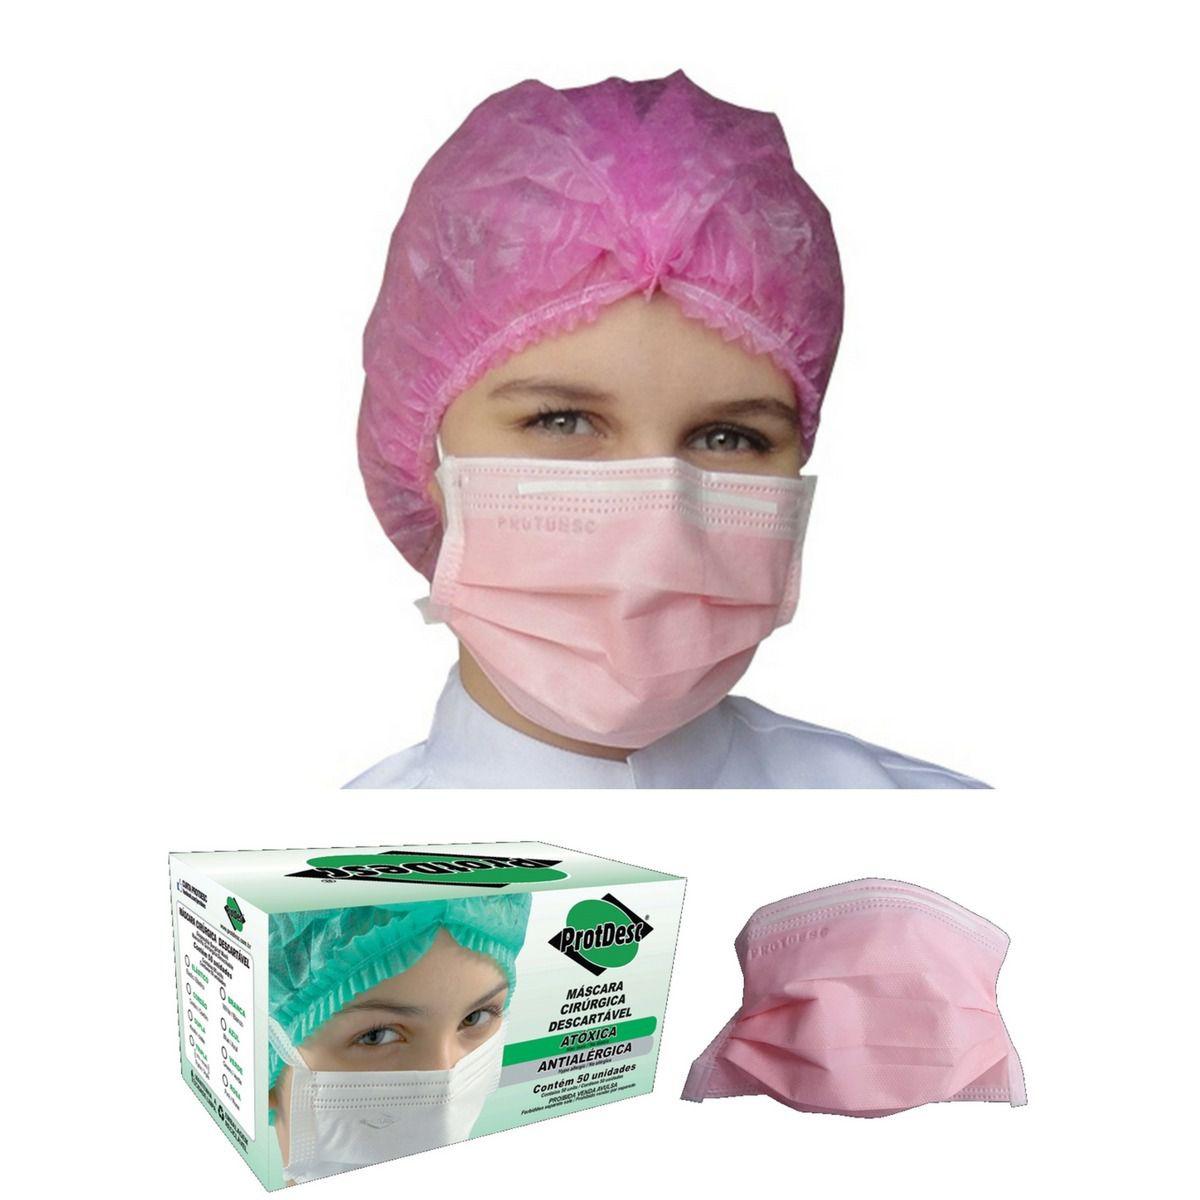 Mascara Descartavel Rosa Tripla Com 50 Unidades Micropigmentacao Protdesc